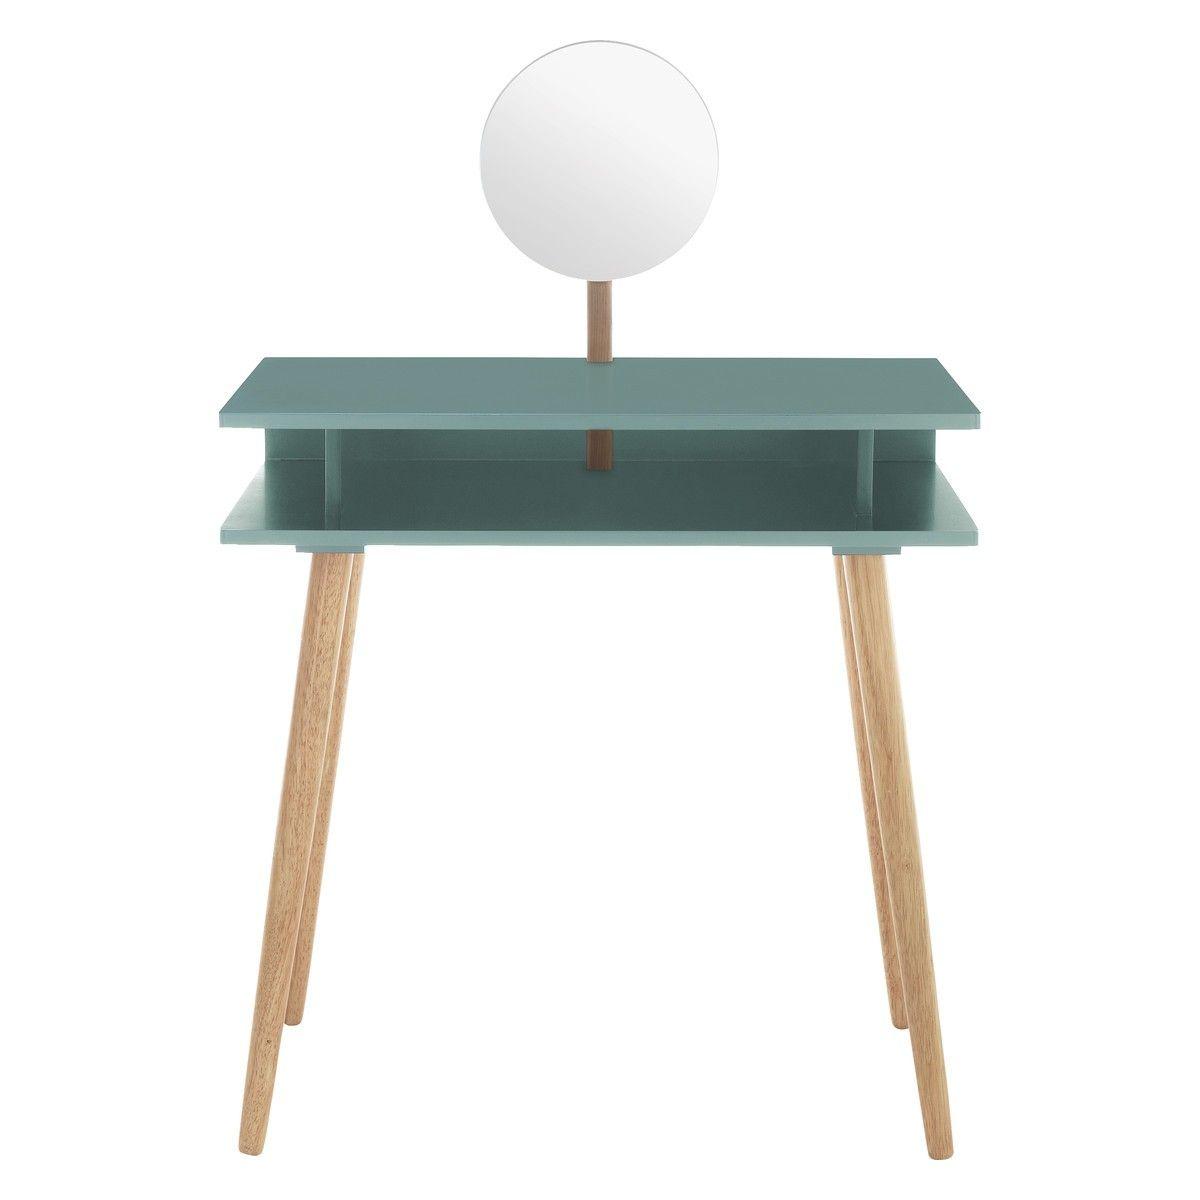 die besten 25 frisierkommoden mit spiegel ideen auf pinterest schminktisch mit spiegel make. Black Bedroom Furniture Sets. Home Design Ideas